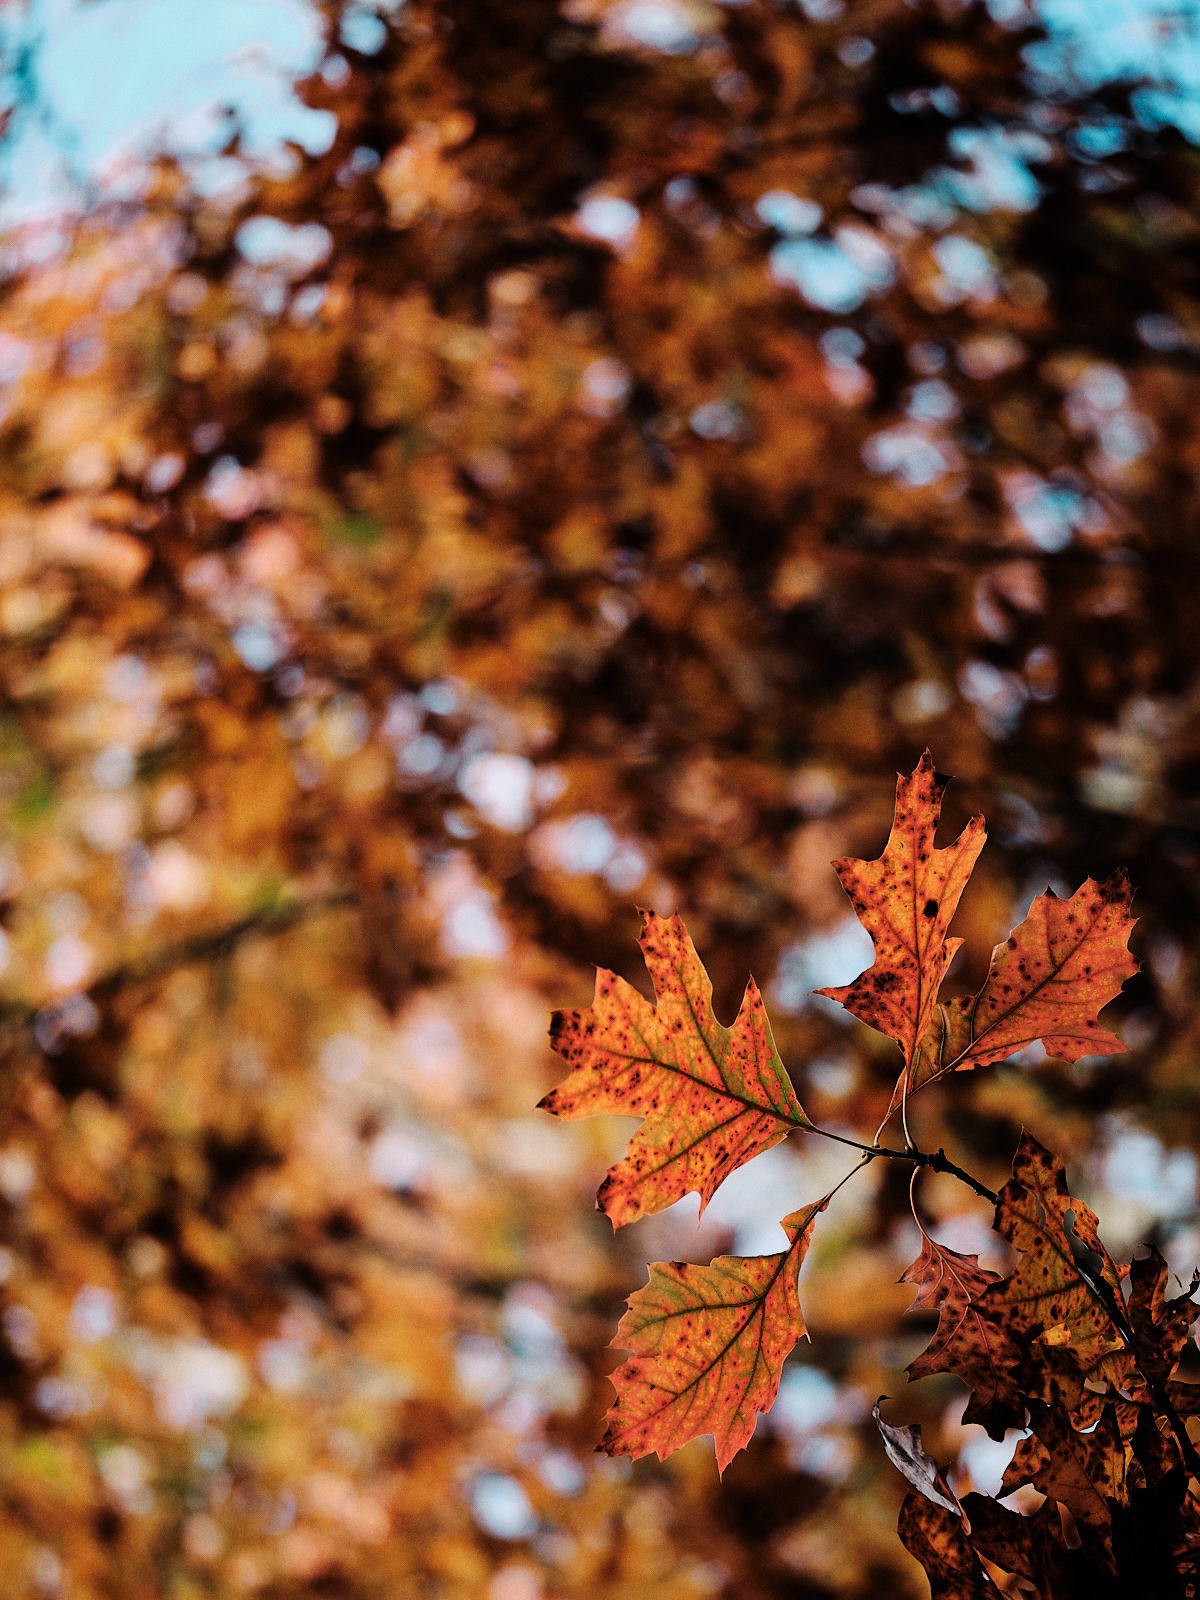 ©Stephane Moreau Photographe - Le Parc du Martreil - Anjou